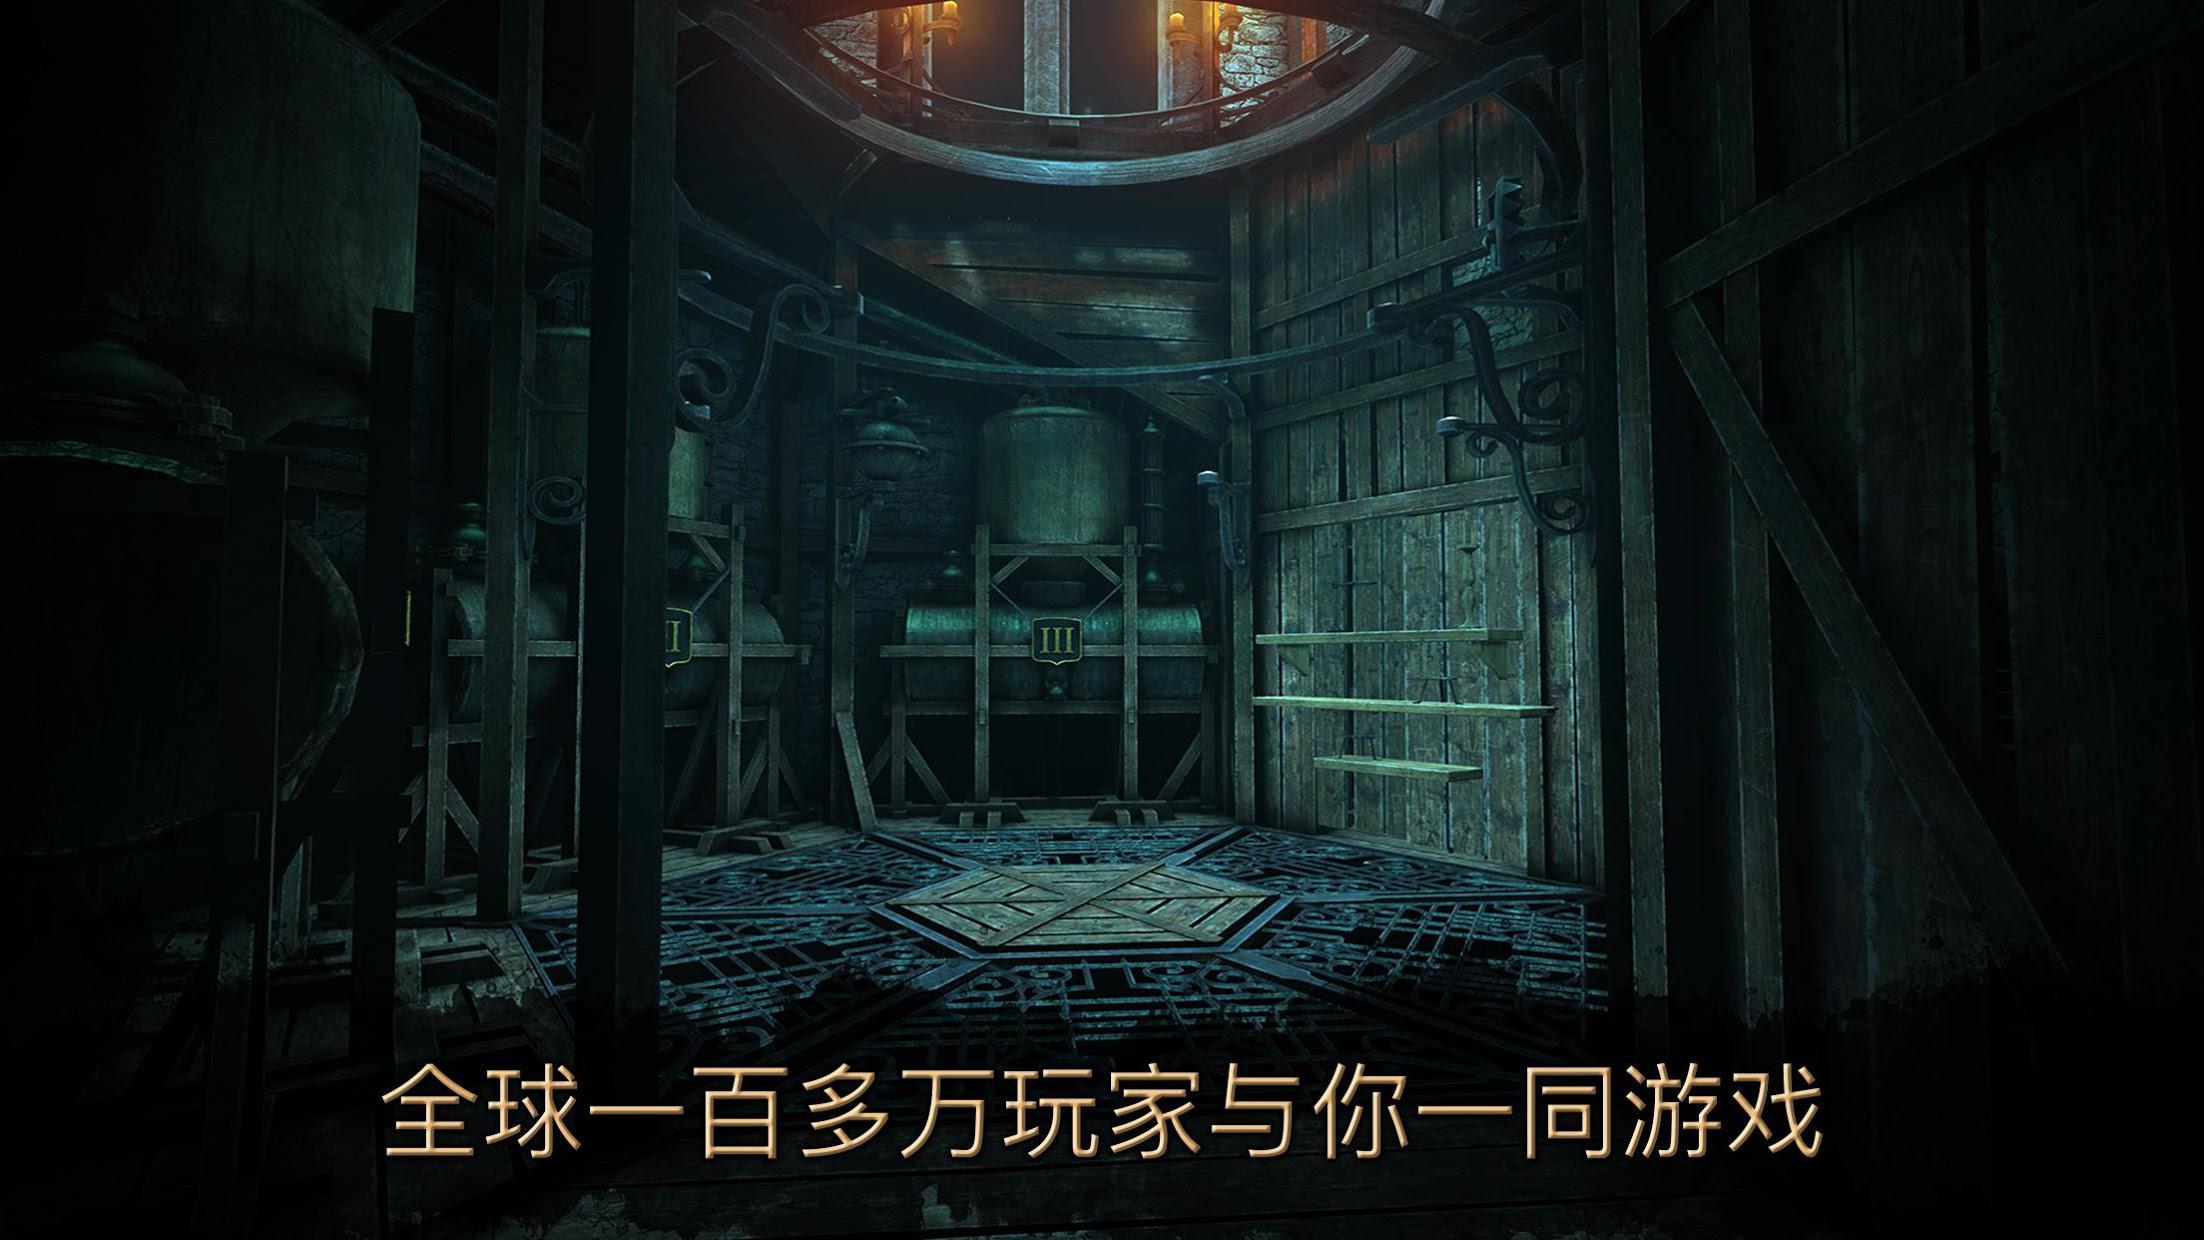 达芬奇密室2(海外版) 游戏截图4